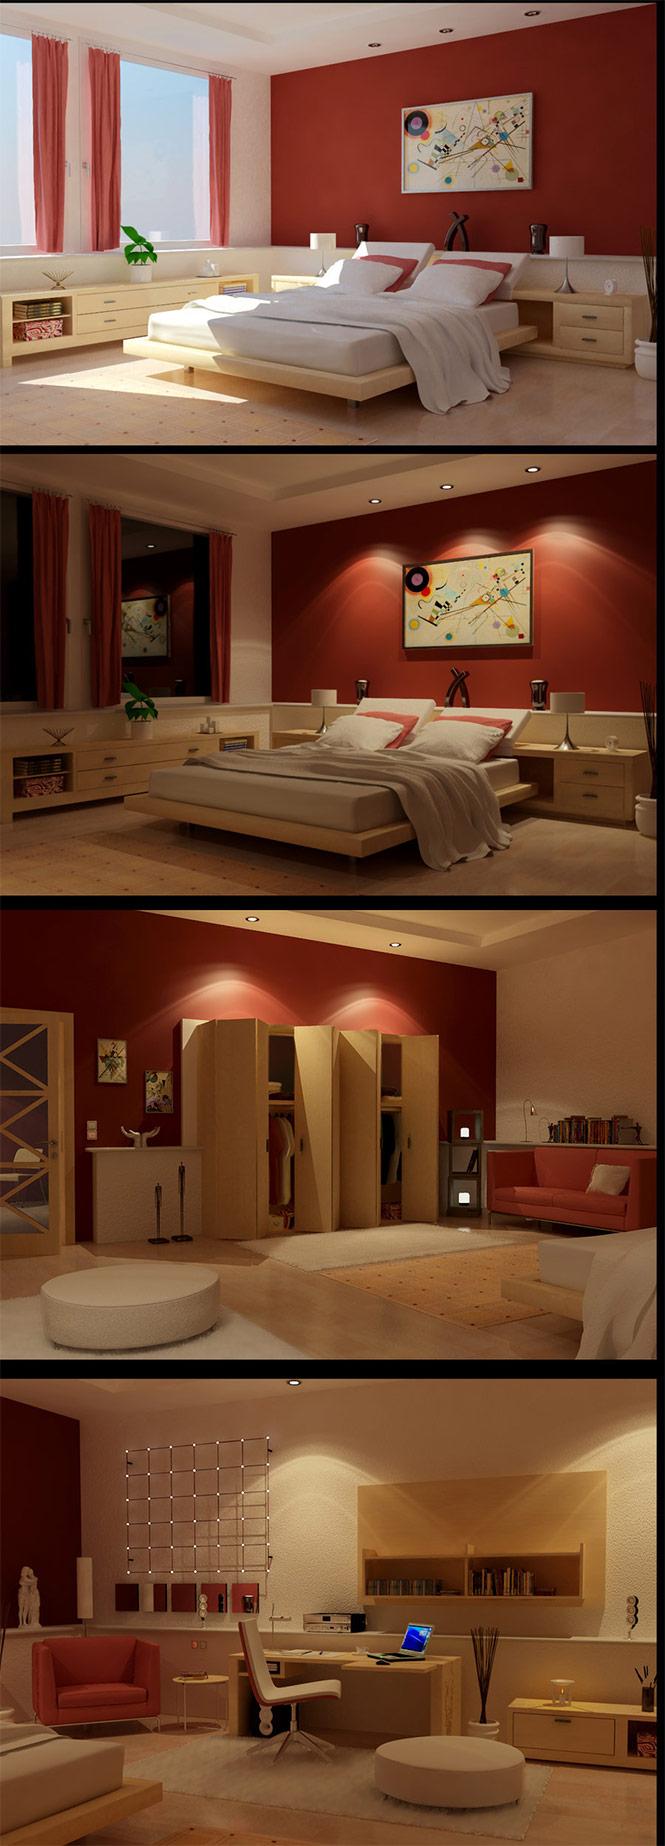 wooden red bedroom design